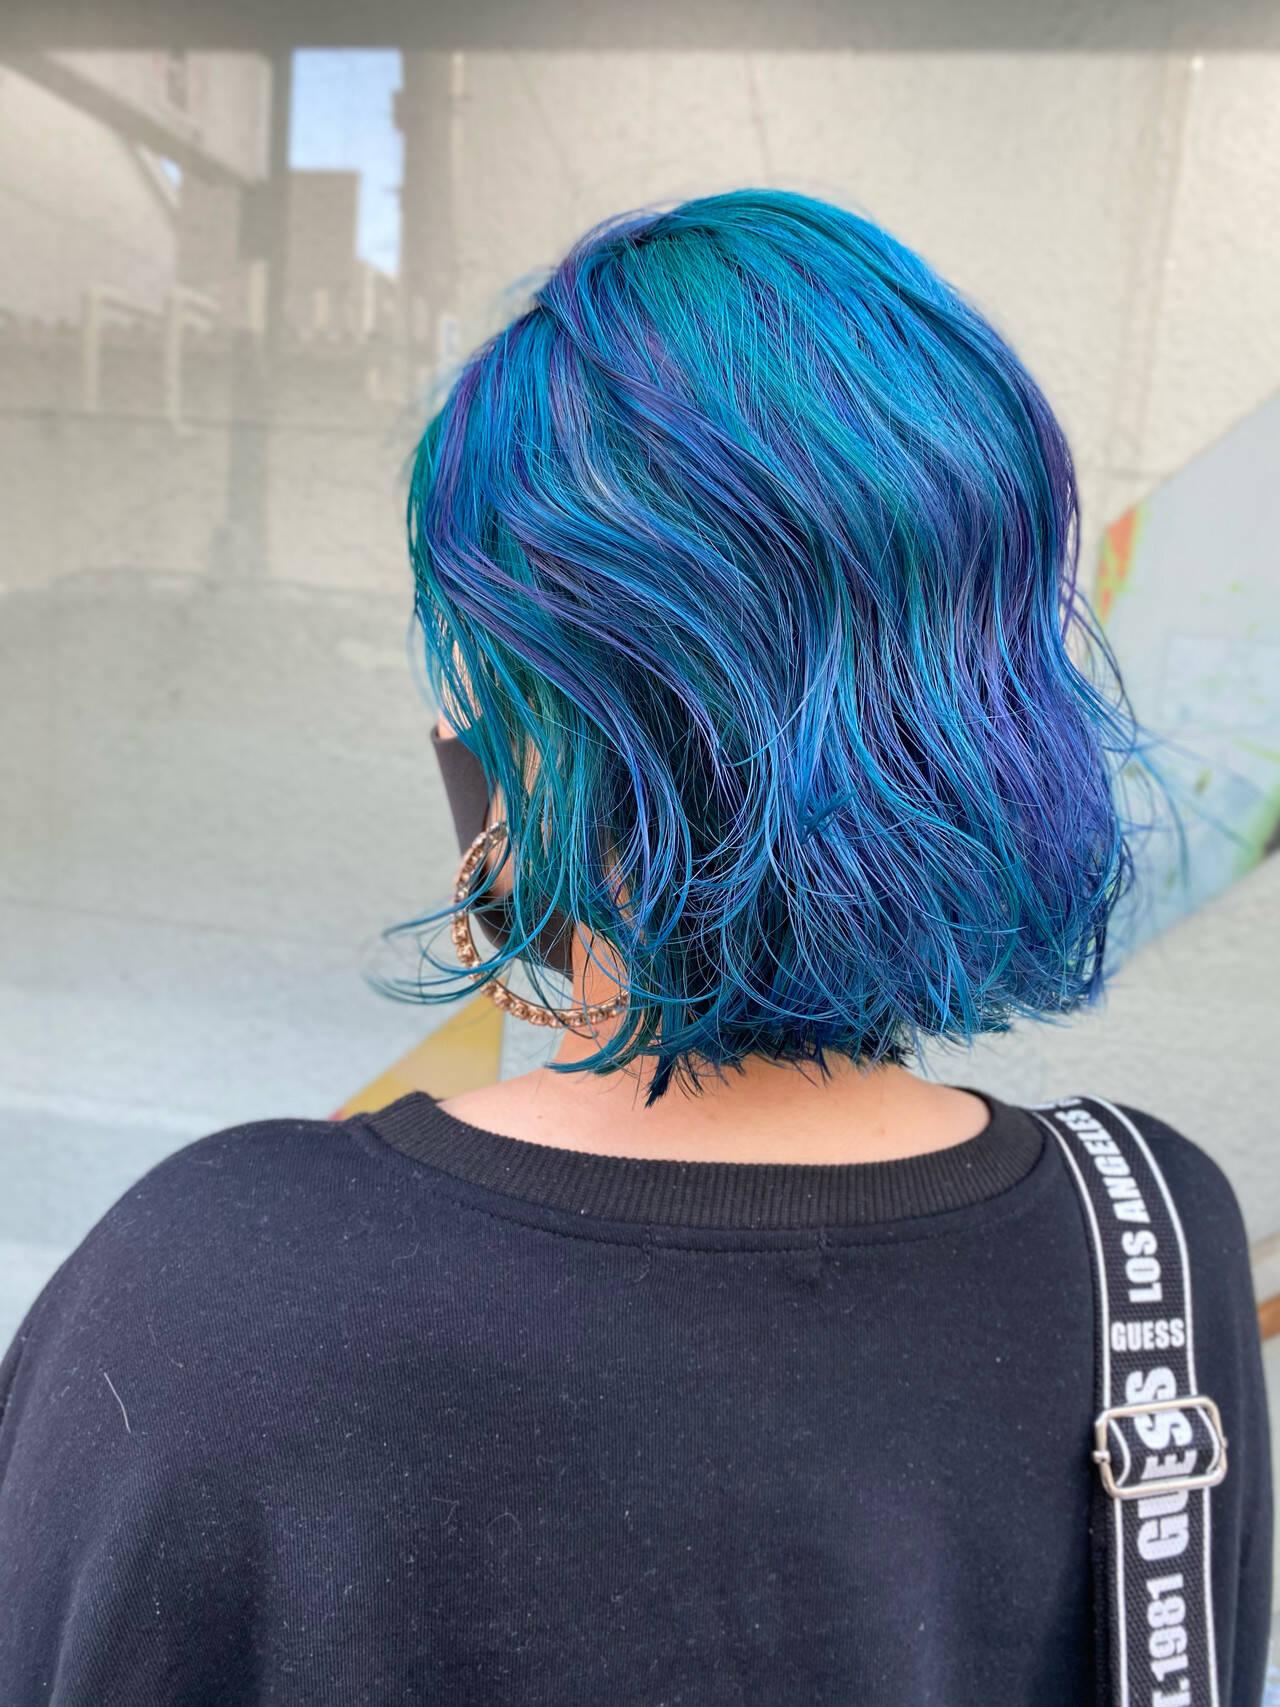 甘辛MIX セミロング ブルーグラデーション アッシュバイオレットヘアスタイルや髪型の写真・画像